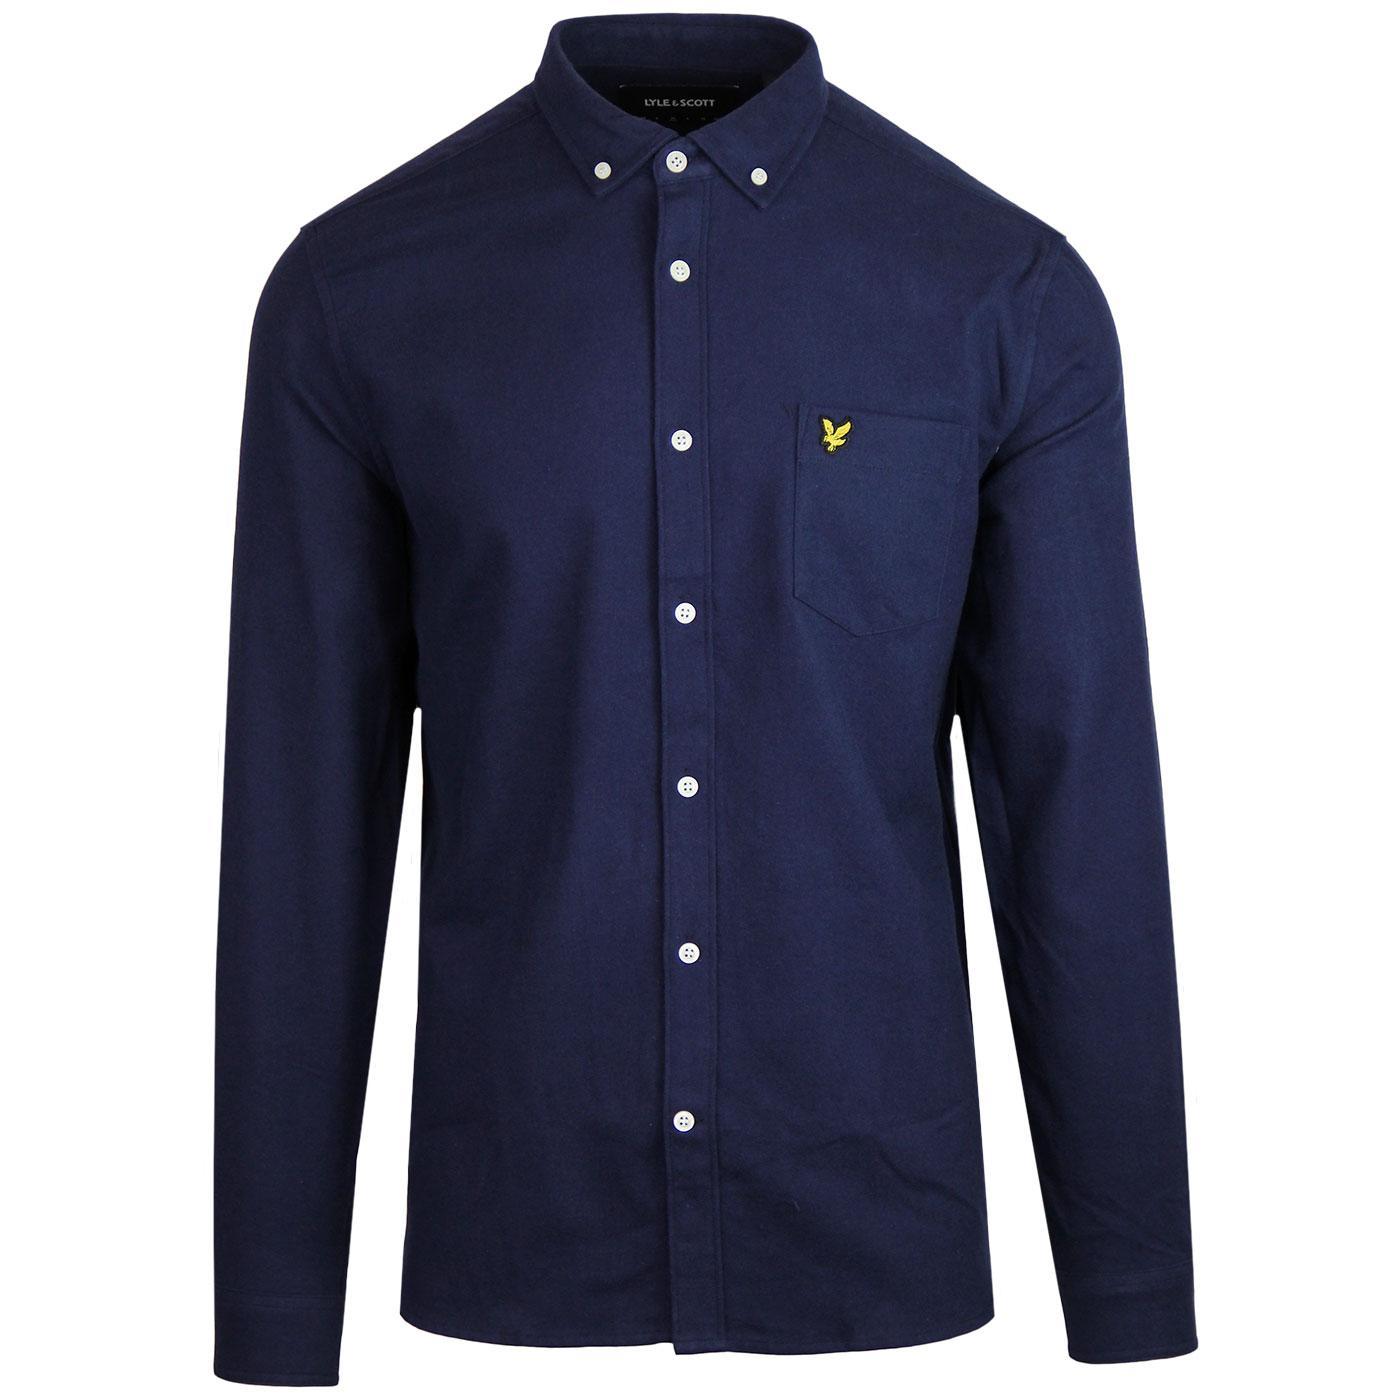 LYLE & SCOTT Retro Mod Winter Flannel Shirt (Navy)